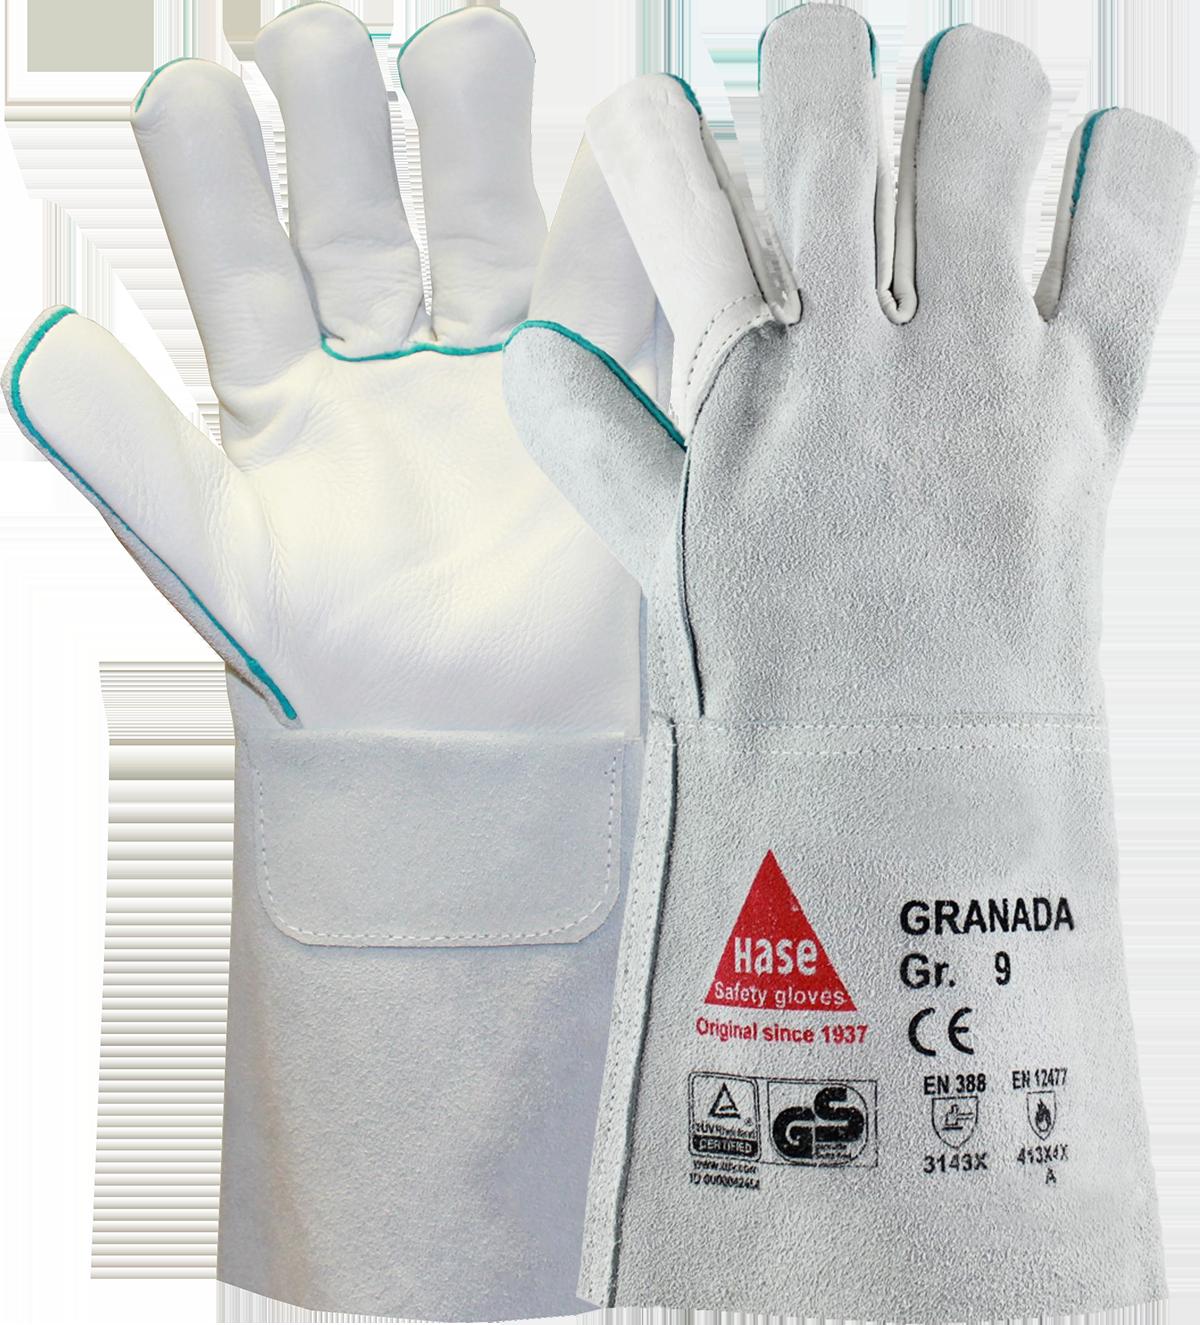 GRANADA, Schweißerhandschuh aus Rindleder, Größe 11